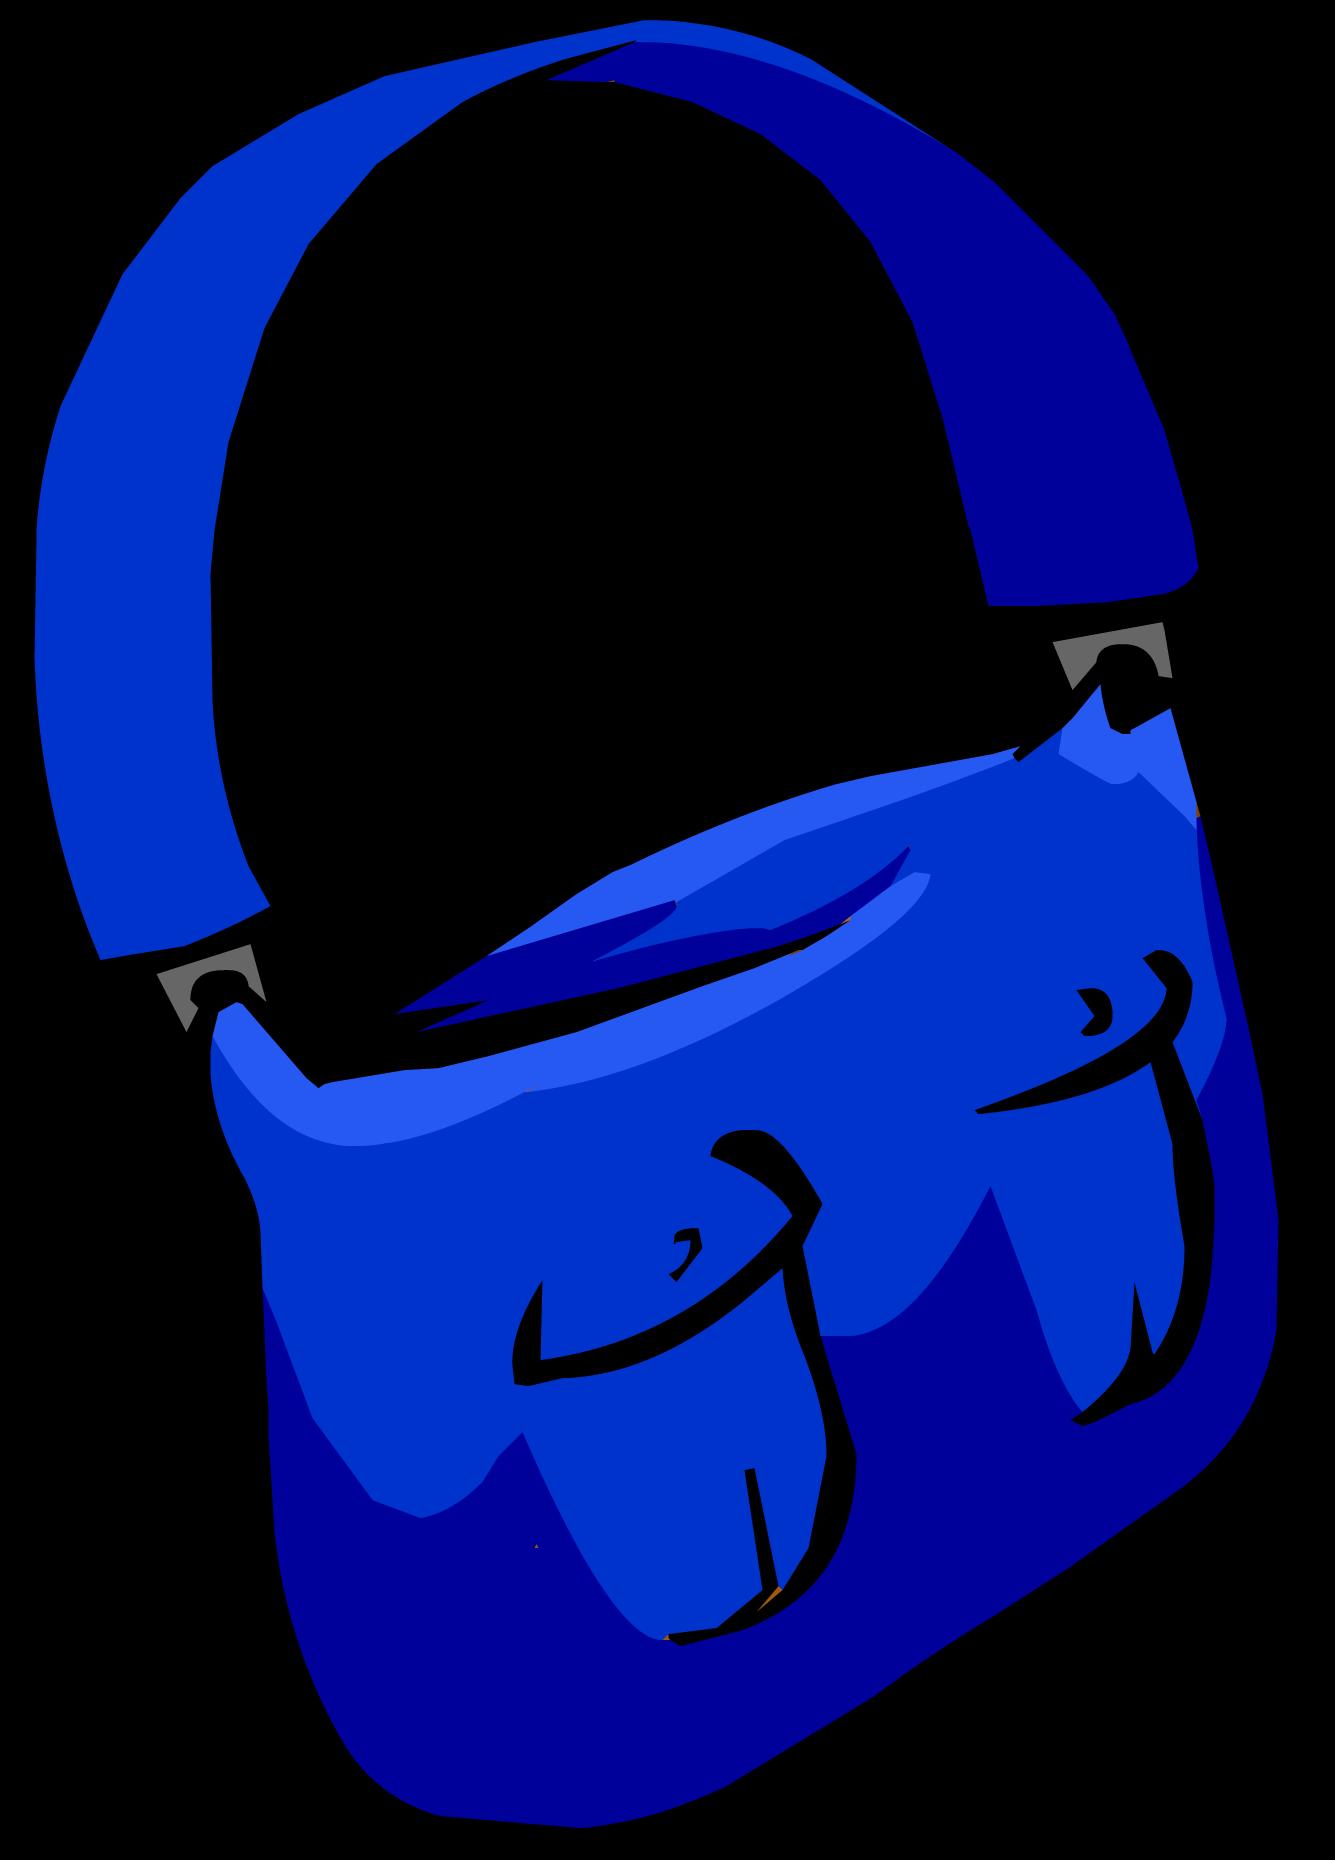 Blue Mail Bag